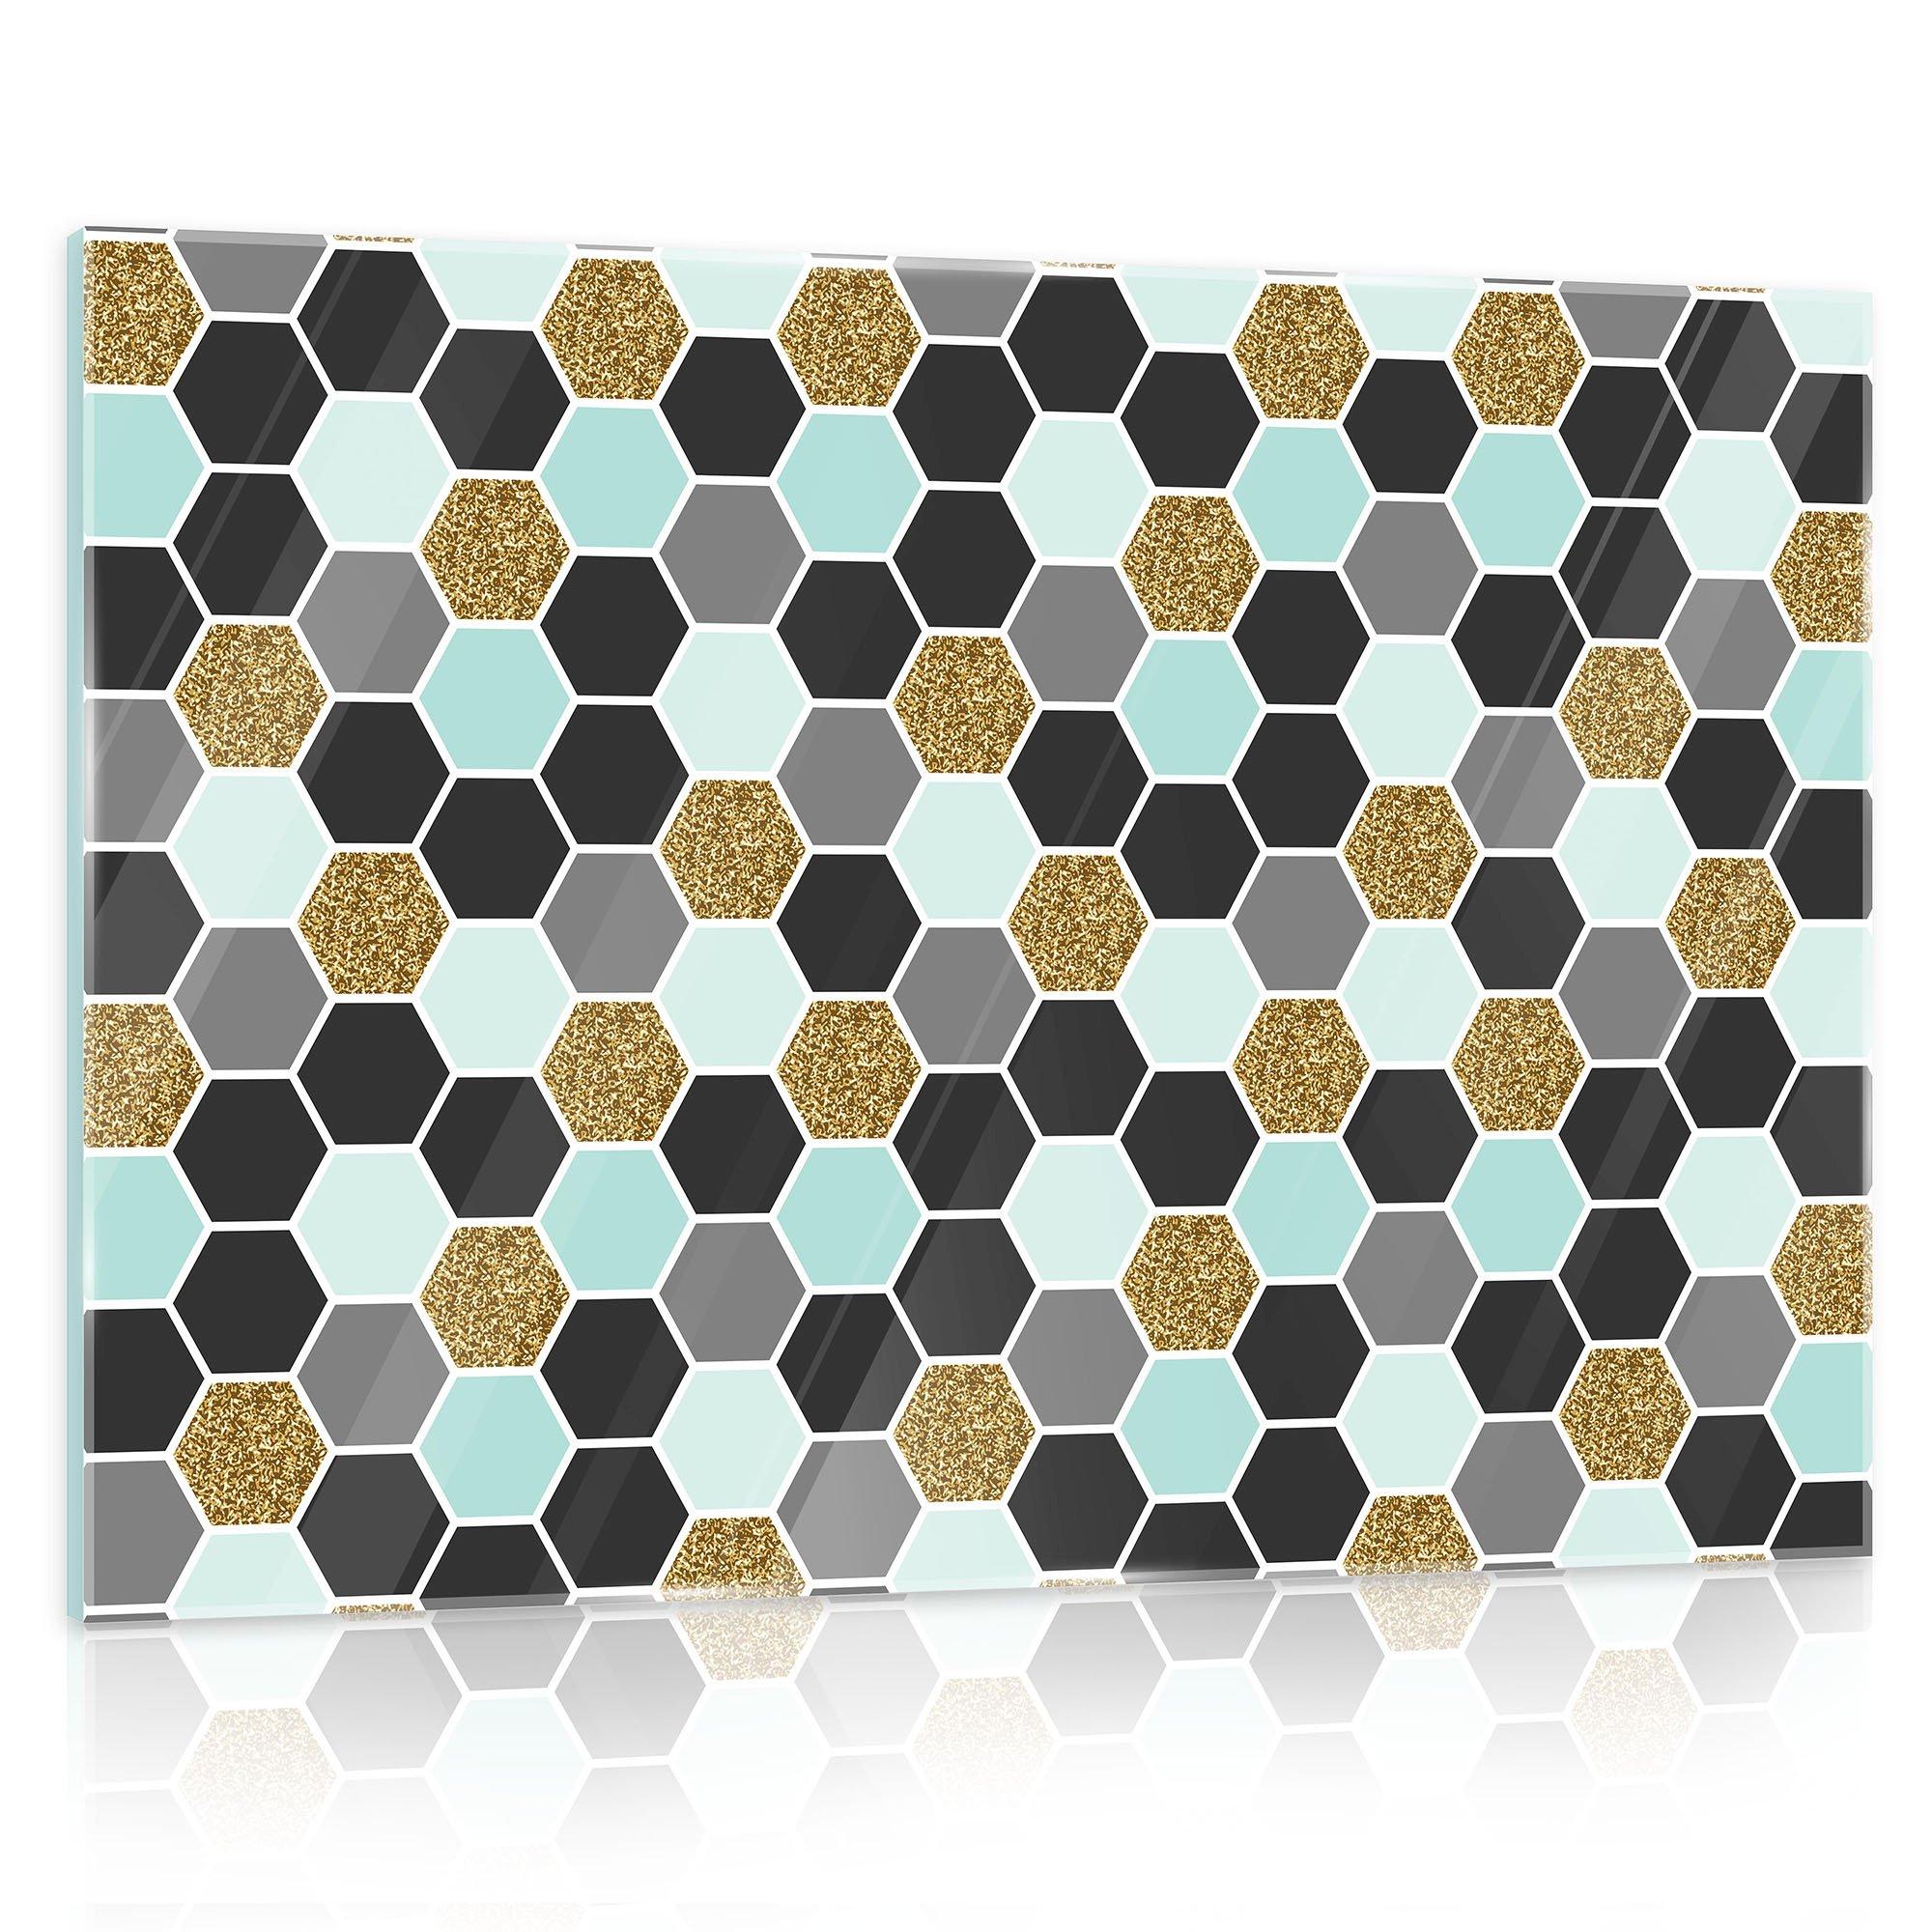 glasbild mit abstrakten sechsecken weltderbilder. Black Bedroom Furniture Sets. Home Design Ideas